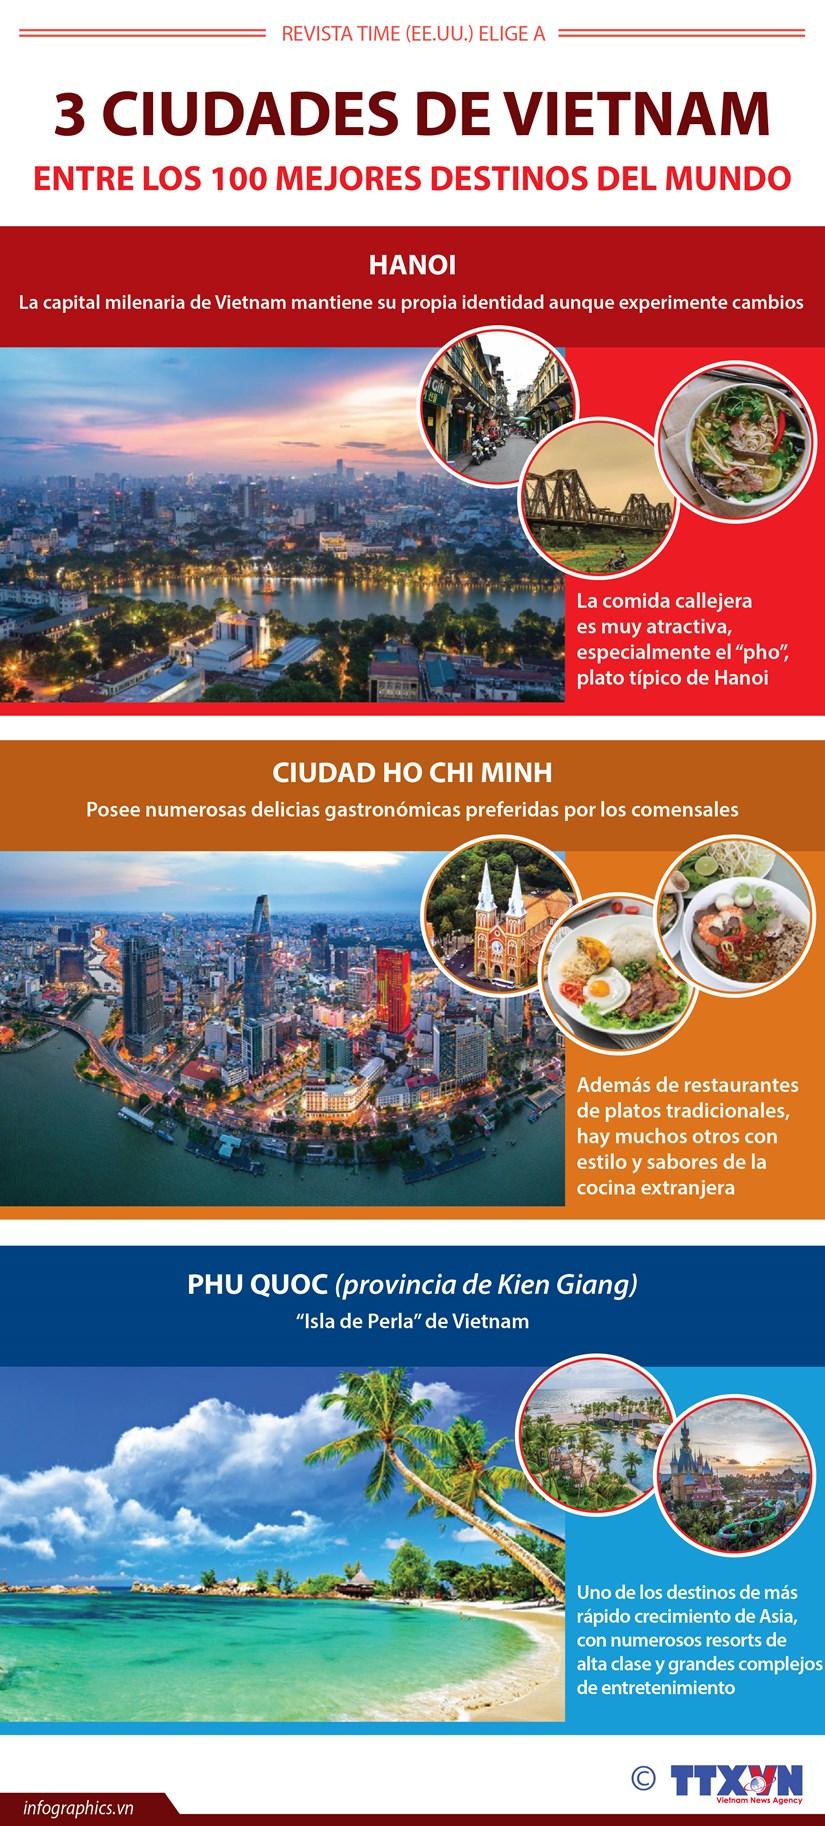 Tres ciudades de Vietnam entre los 100 mejores destinos del mundo hinh anh 1